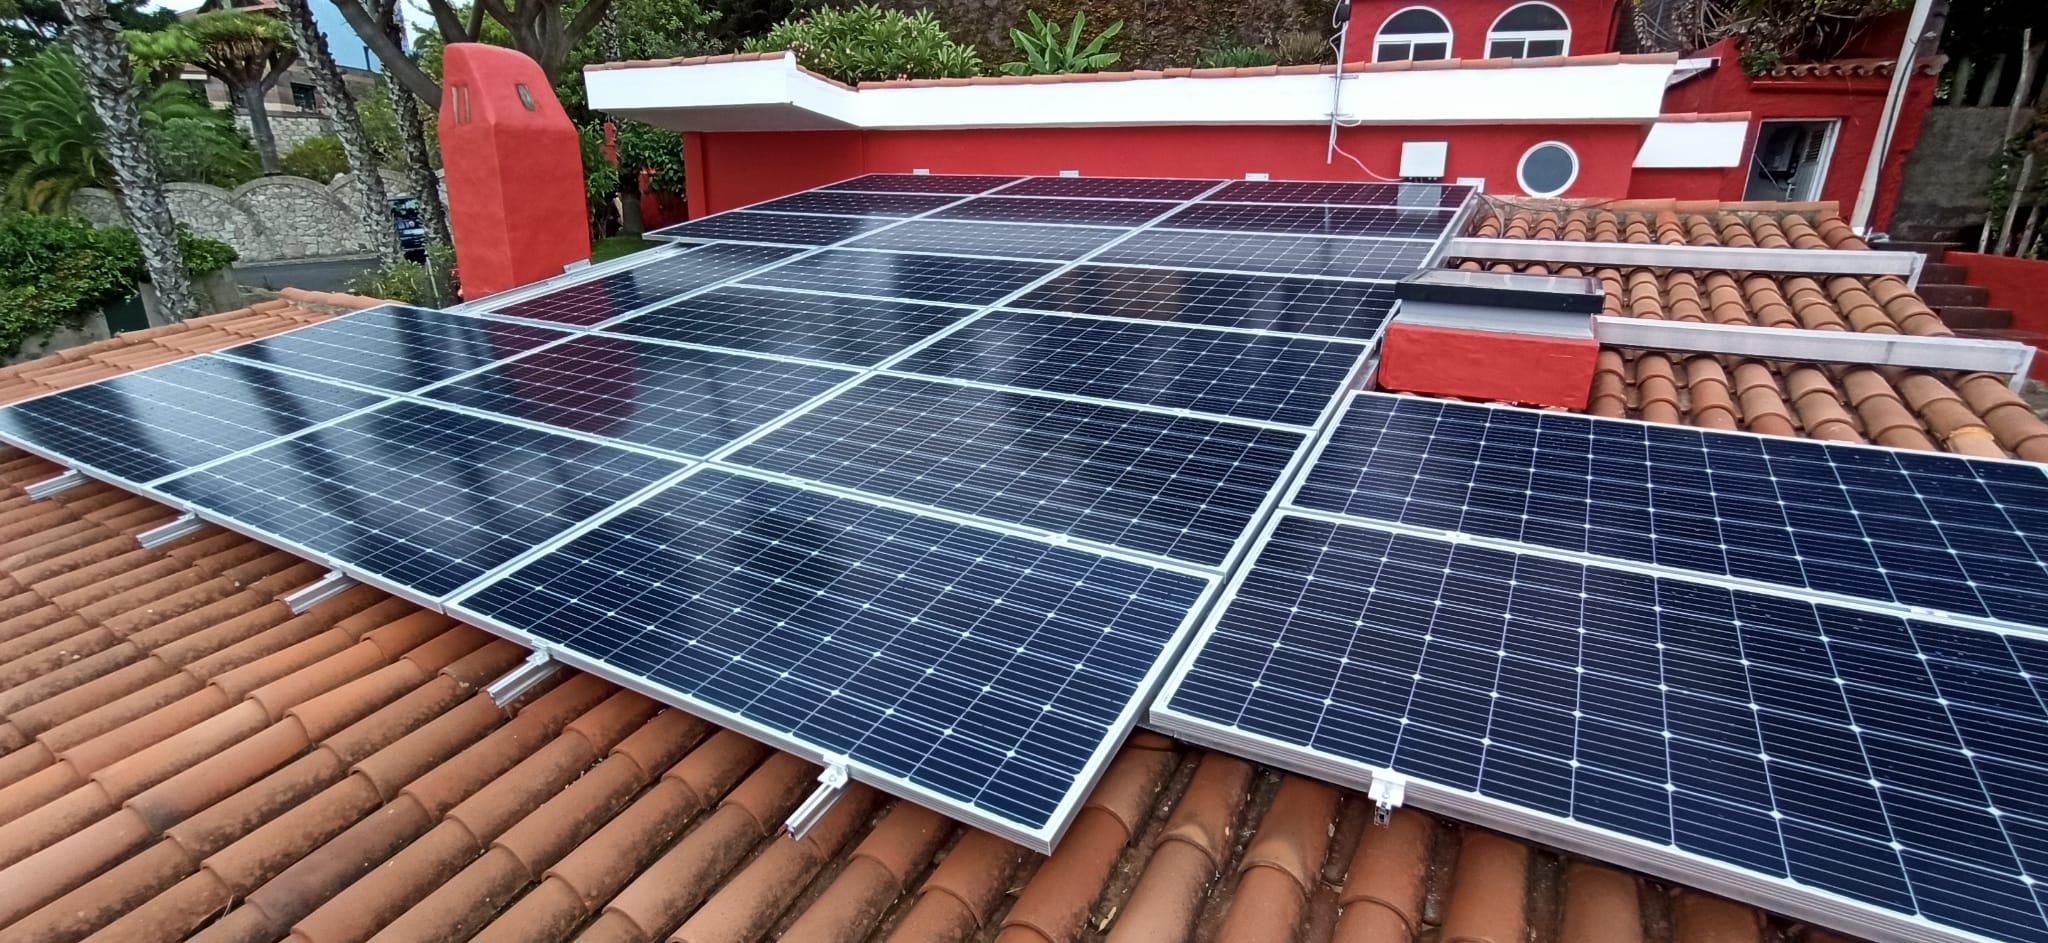 Instalación fotovoltaica de autoconsumo de 8 kW en vivienda unifamiliar